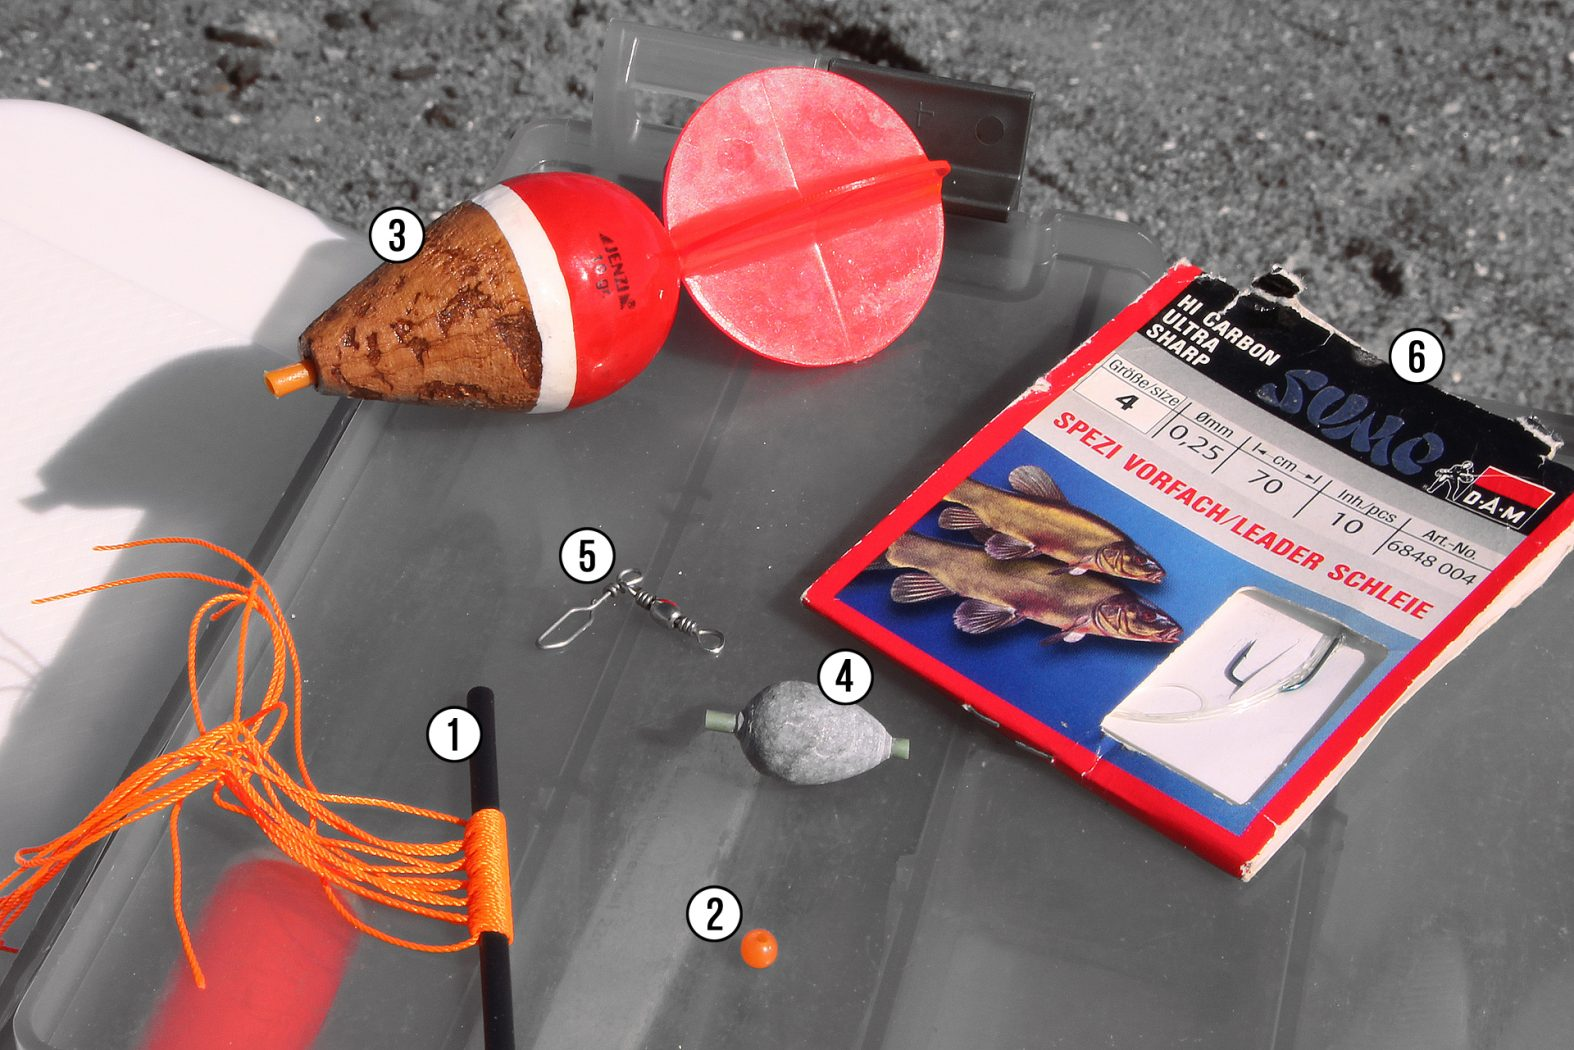 Montage zum Hornhecht angeln mit Segelpose